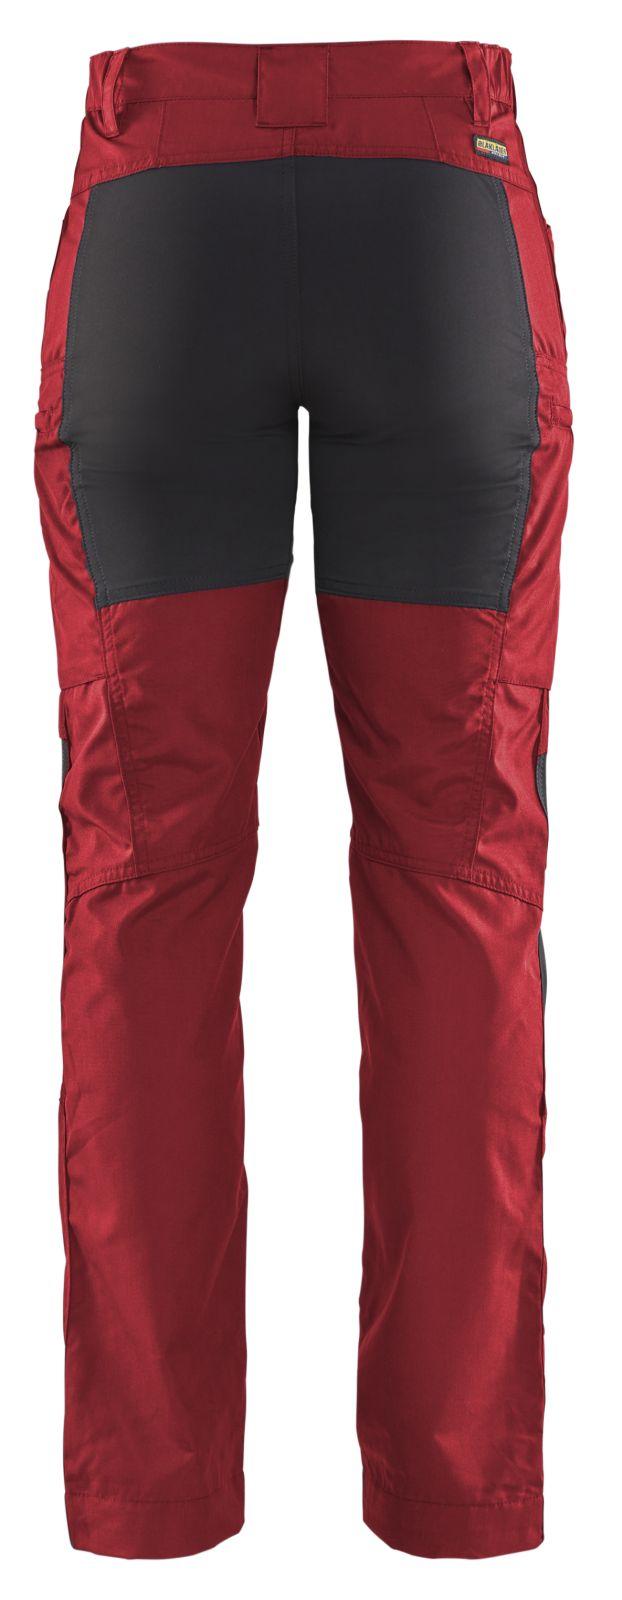 Blaklader Broeken 71591845 rood-zwart(5699)